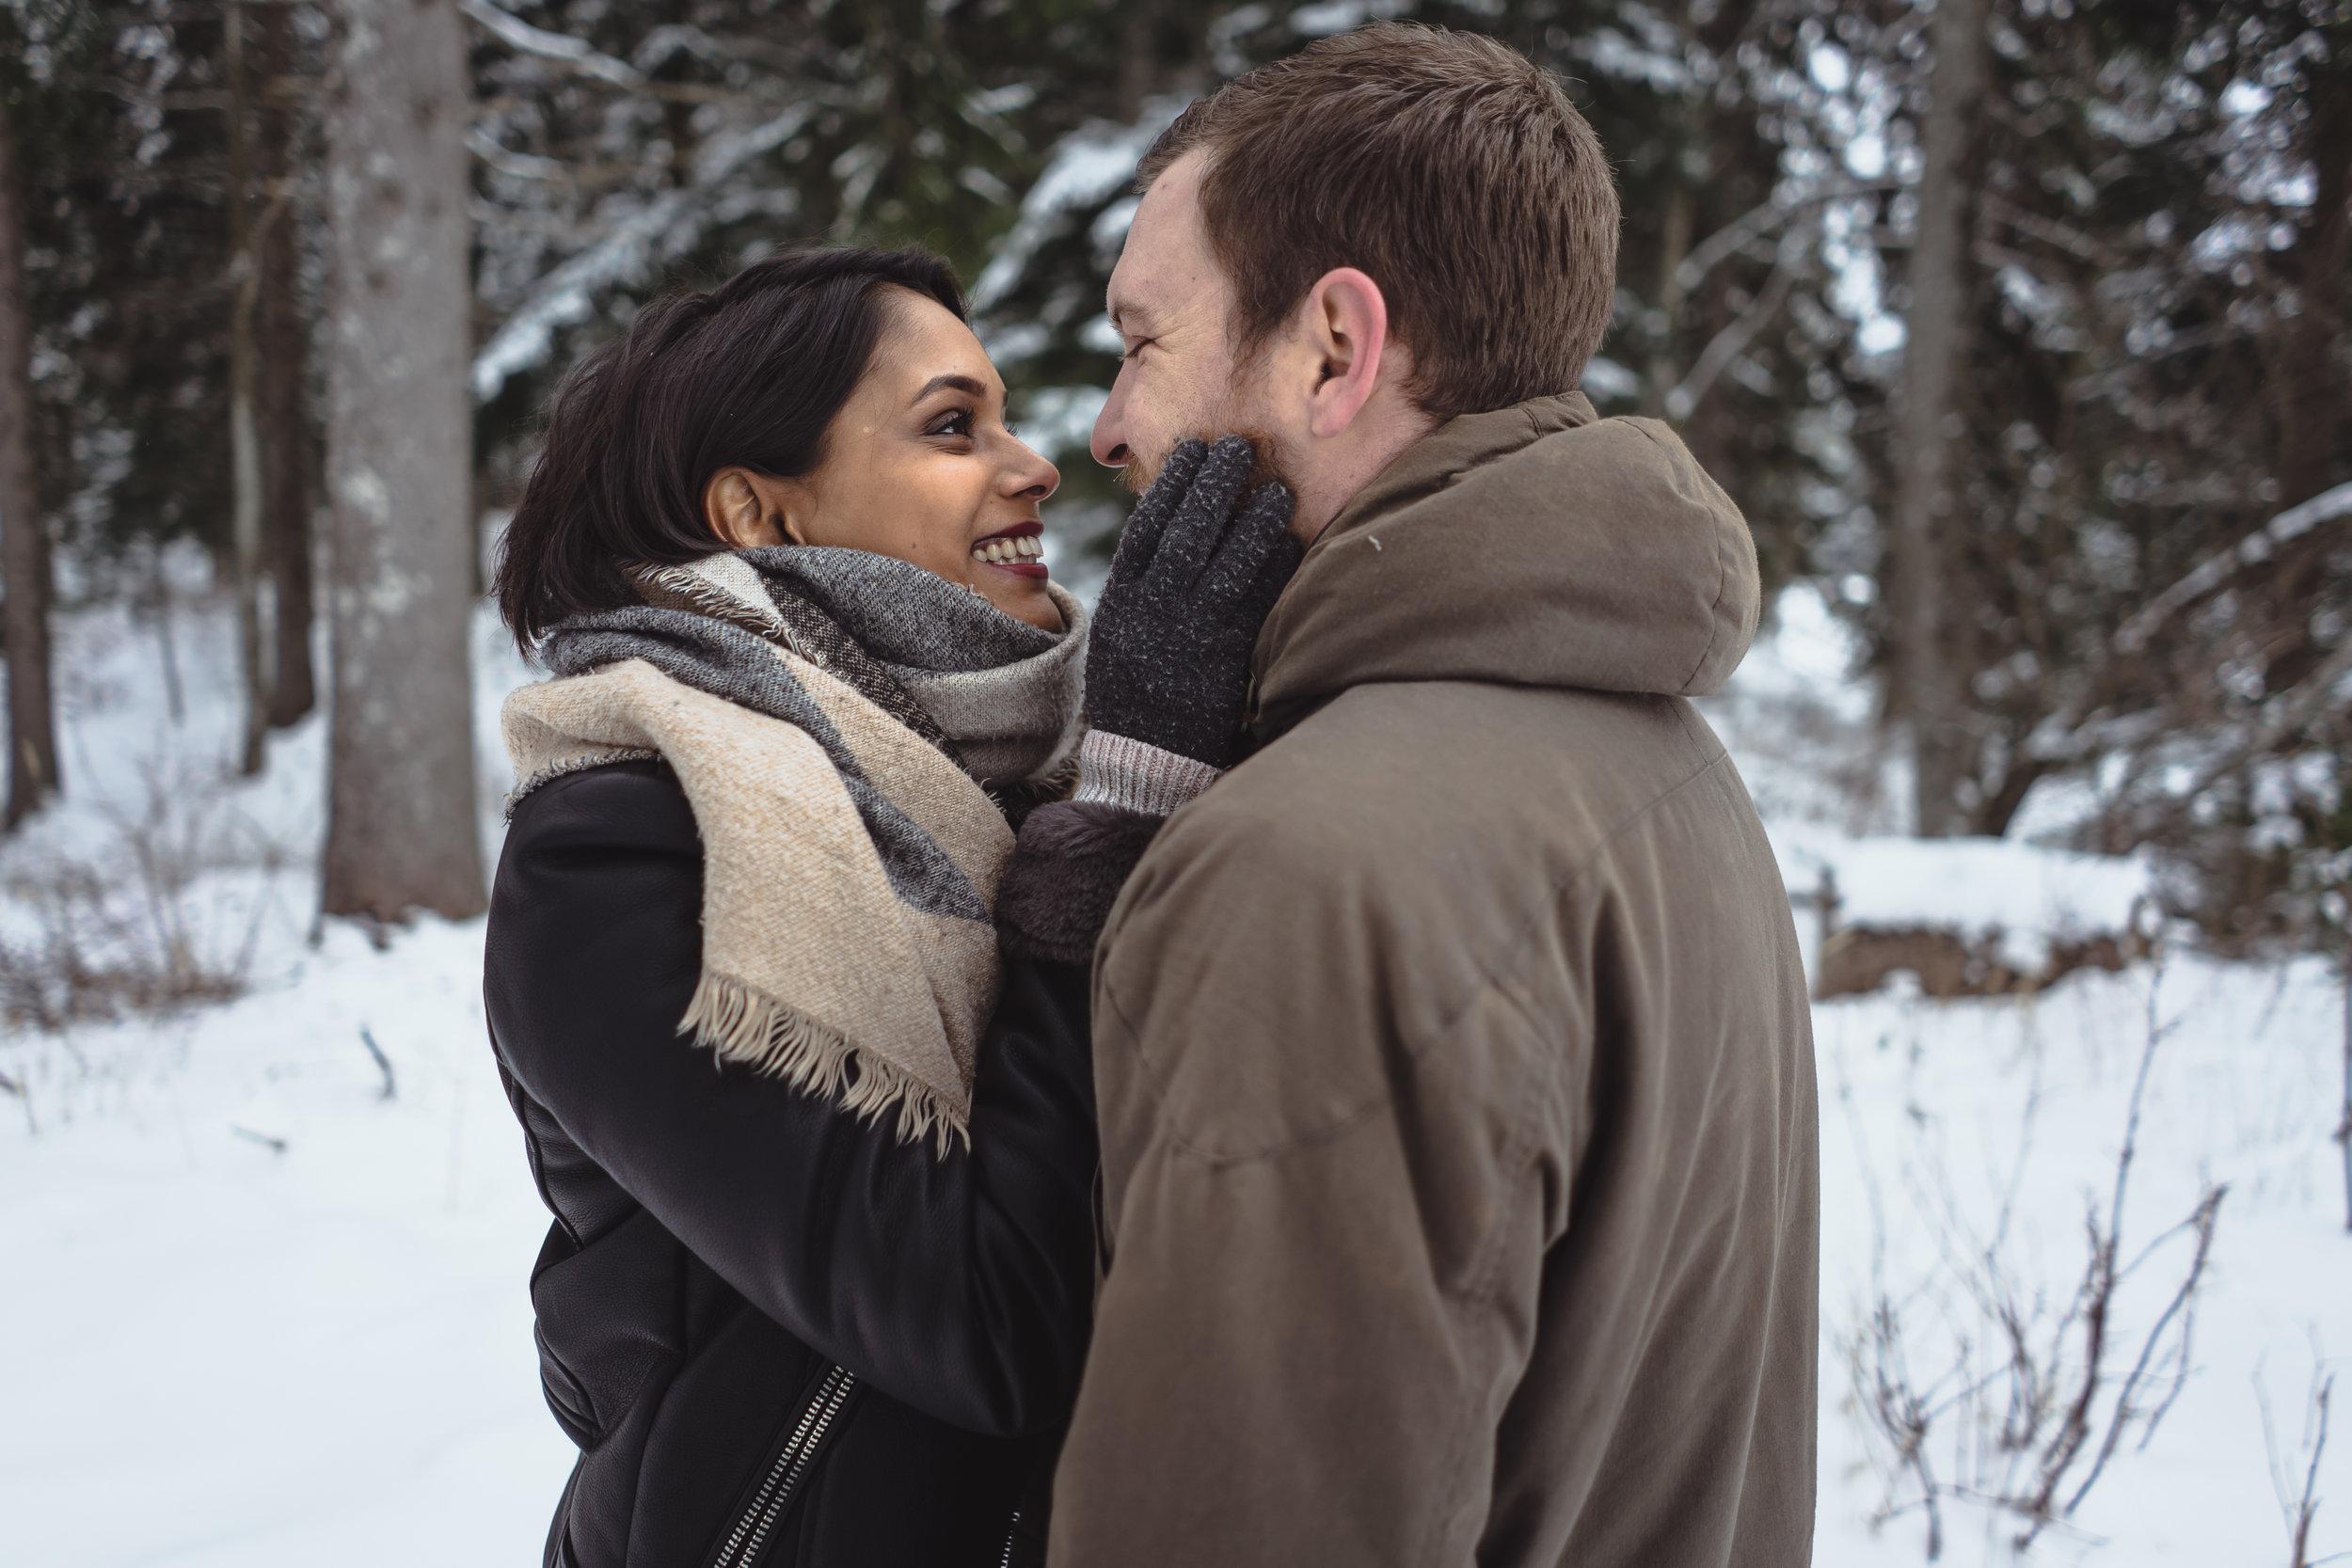 S&J - «Mon copain et moi avons fait une petite session shooting dans la neige avec Sam. Je la recommande vivement, elle est très professionnelle et nous guide à merveille! Les photos sont très naturelles et magnifiques.»